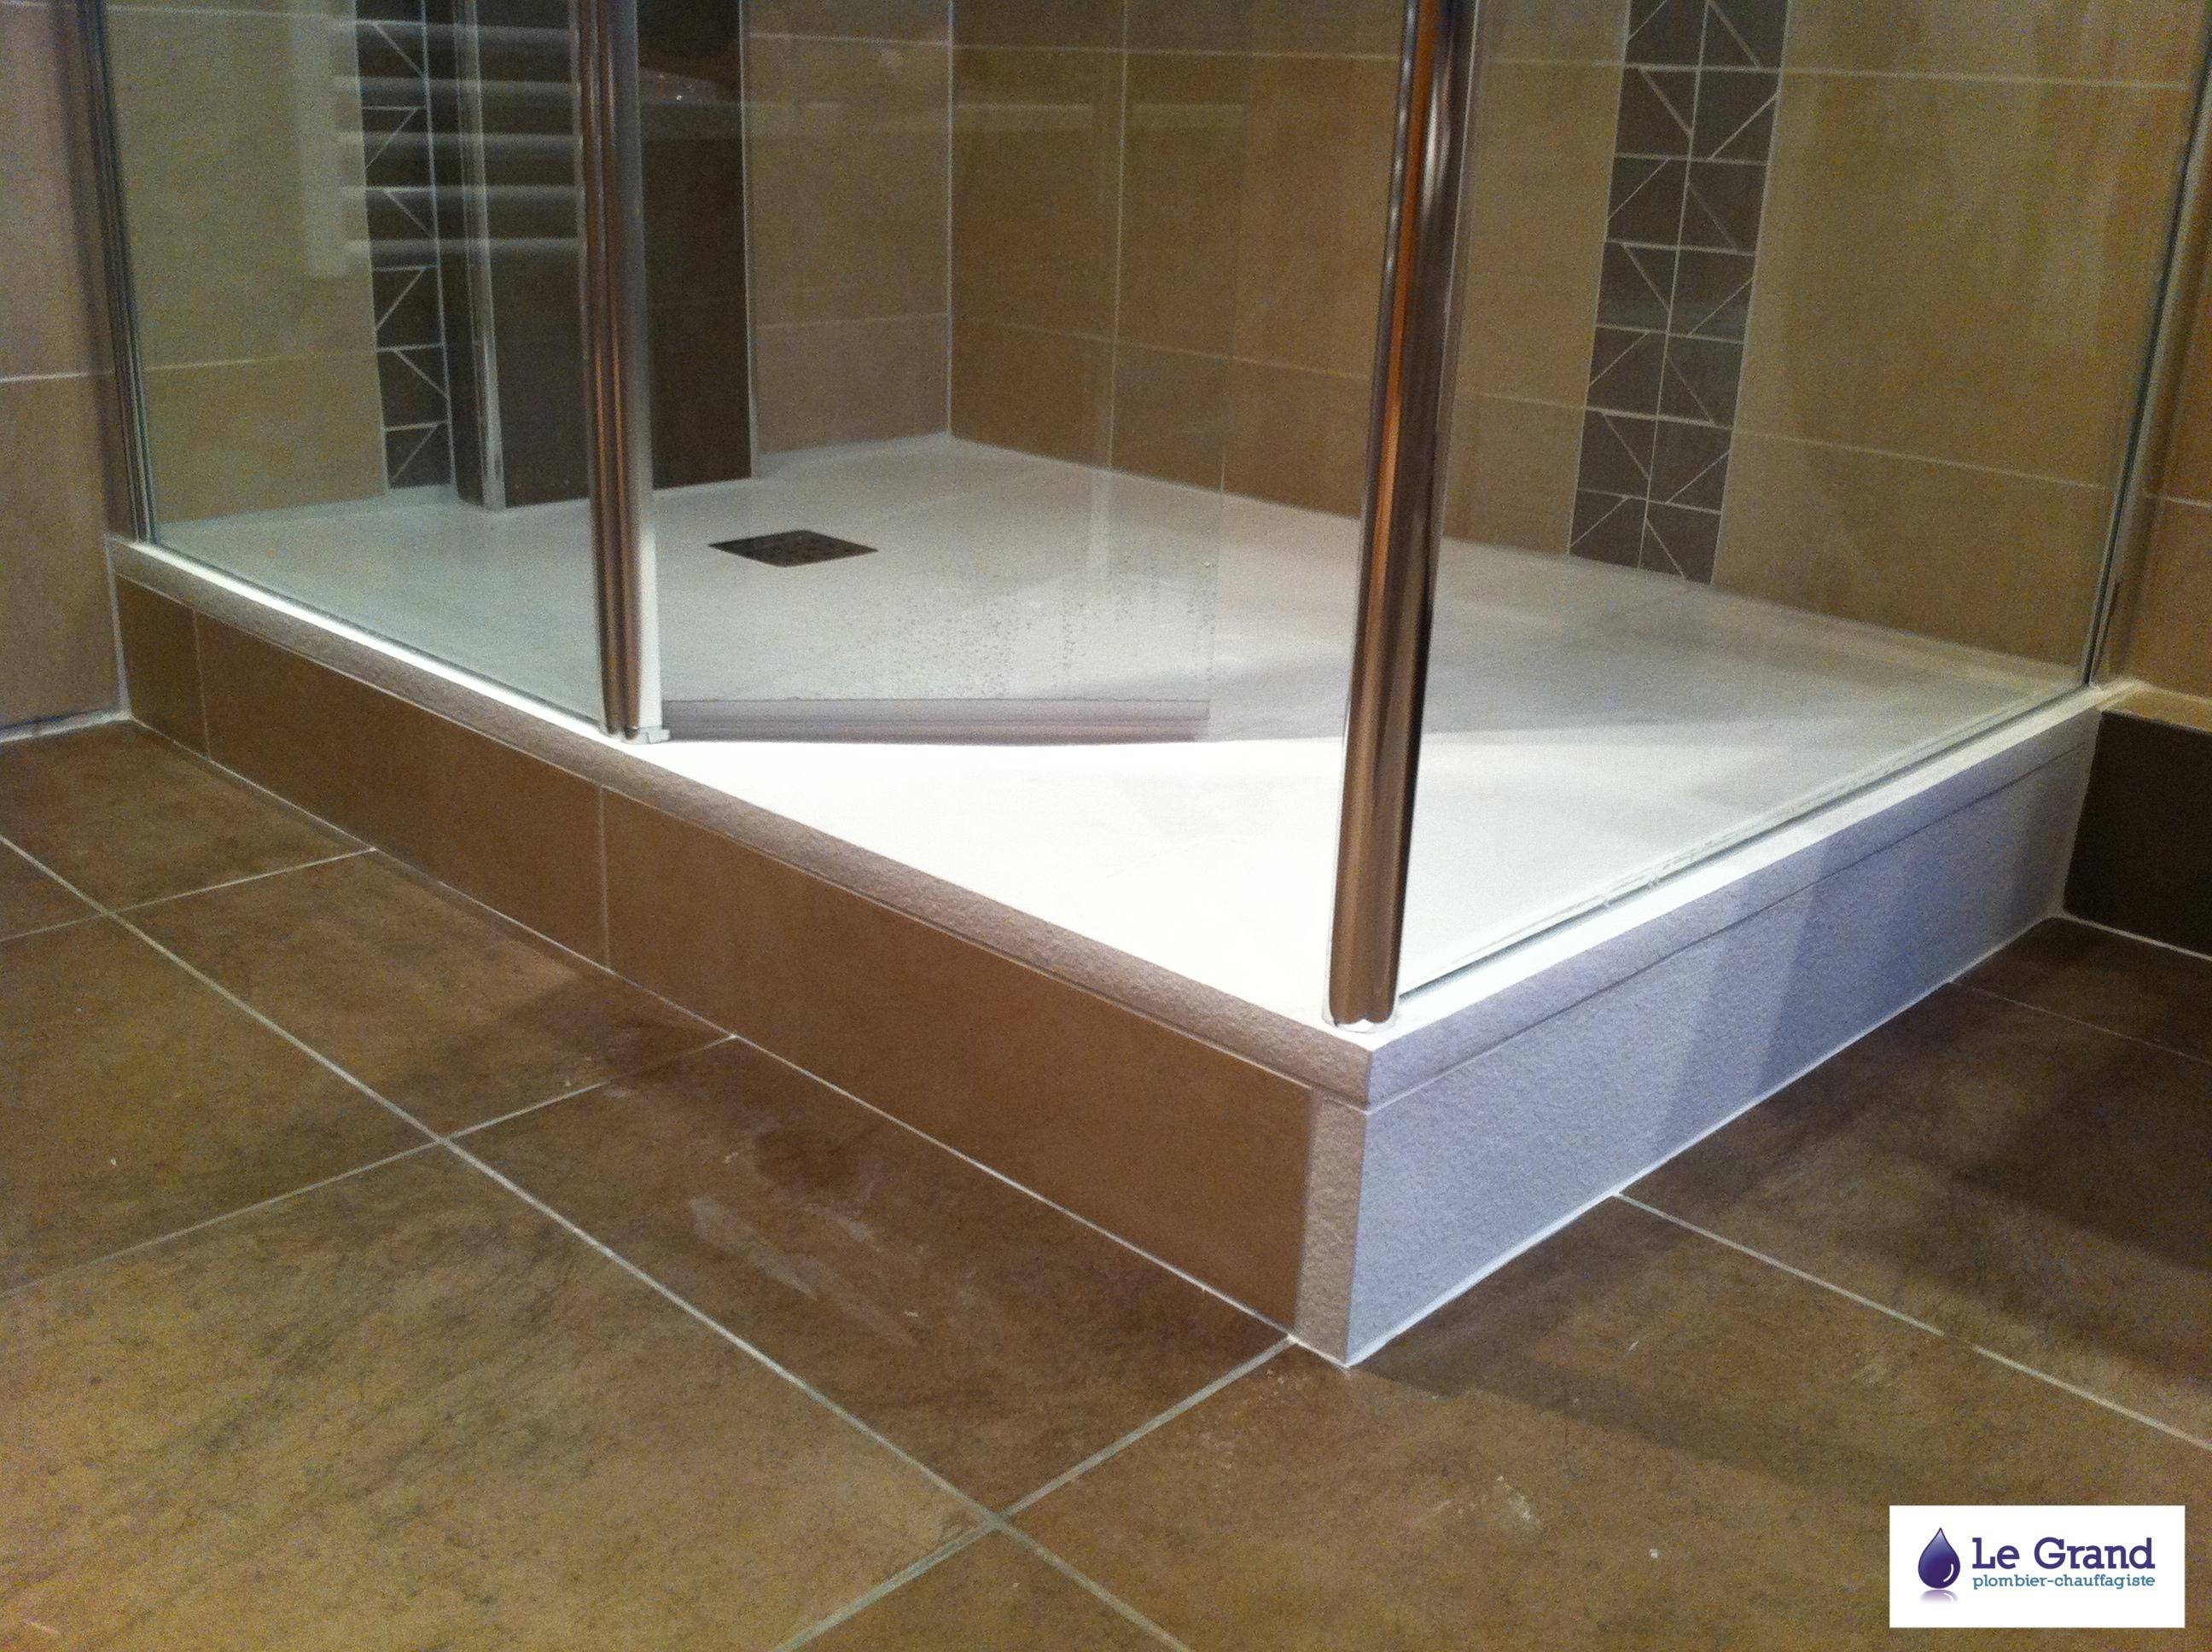 Plombier rennes bruz le grand thomas salle de bains receveur gr 2 le g - Comment changer un receveur de douche ...